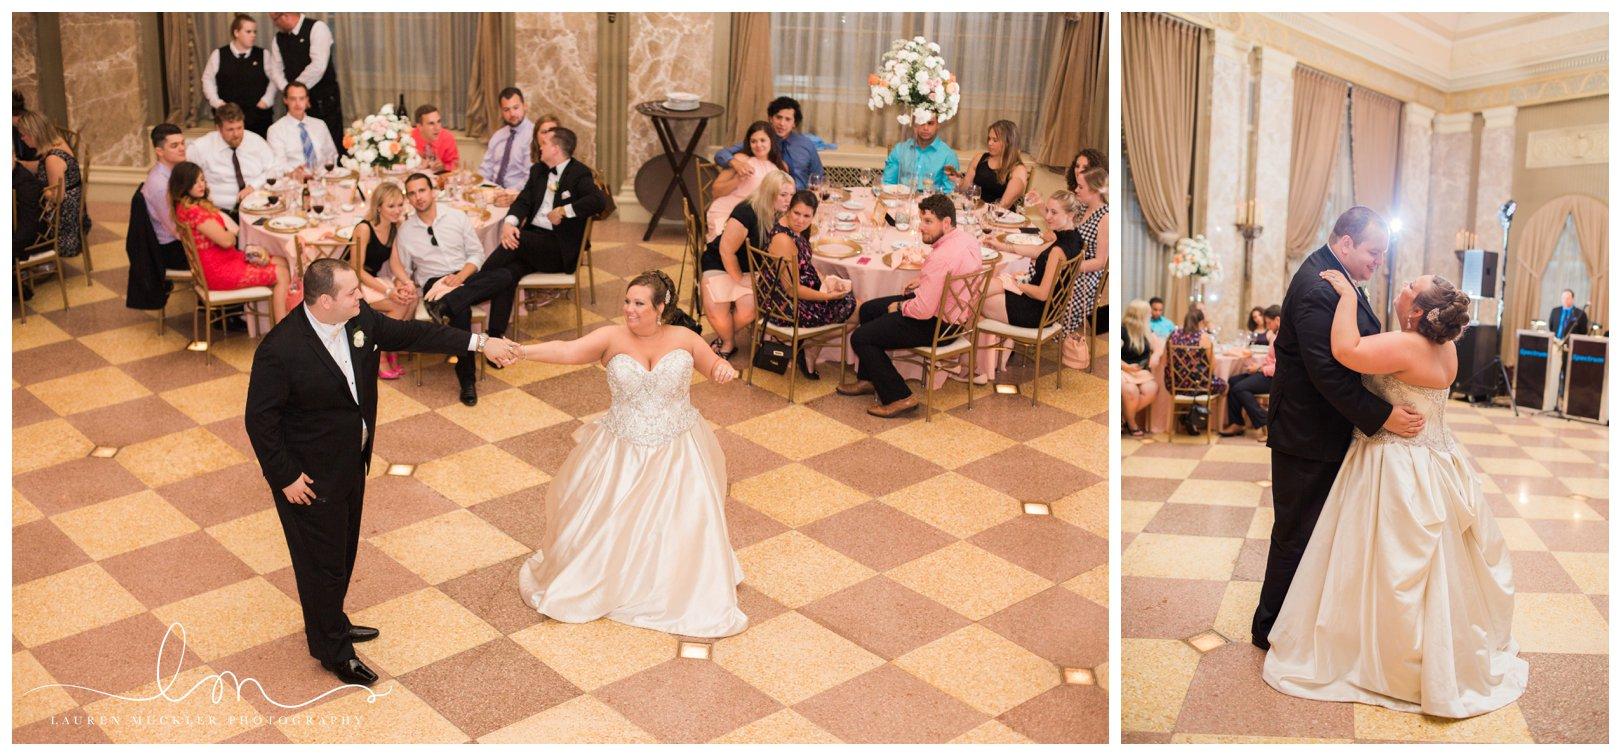 lauren muckler photography_fine art film wedding photography_st louis_photography_0639.jpg